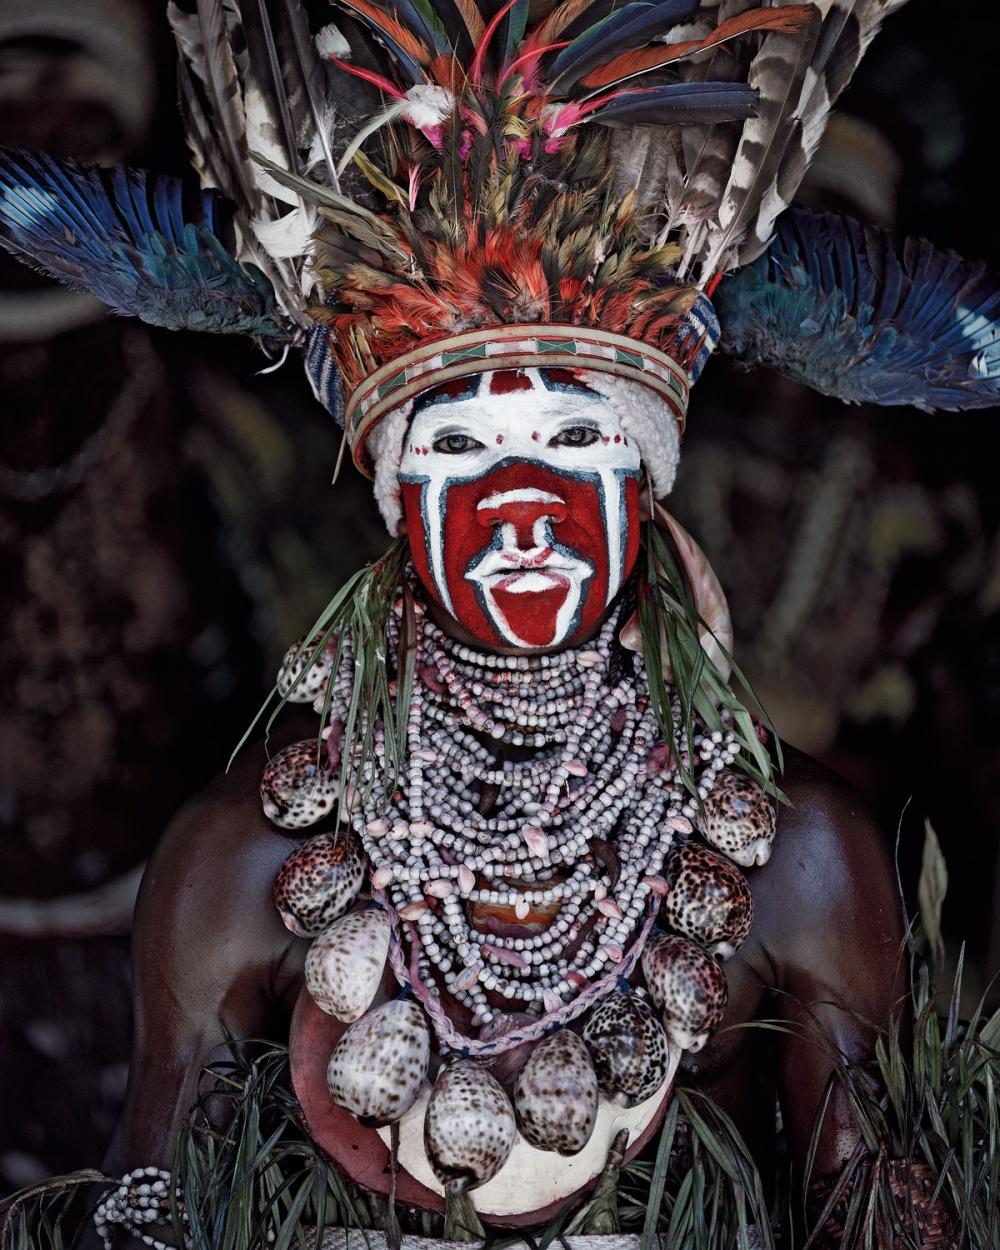 ВГороке знают толк ившоу-бизнесе: ежегодно здесь проходит Горока-шоу, когда более 100 племен реги